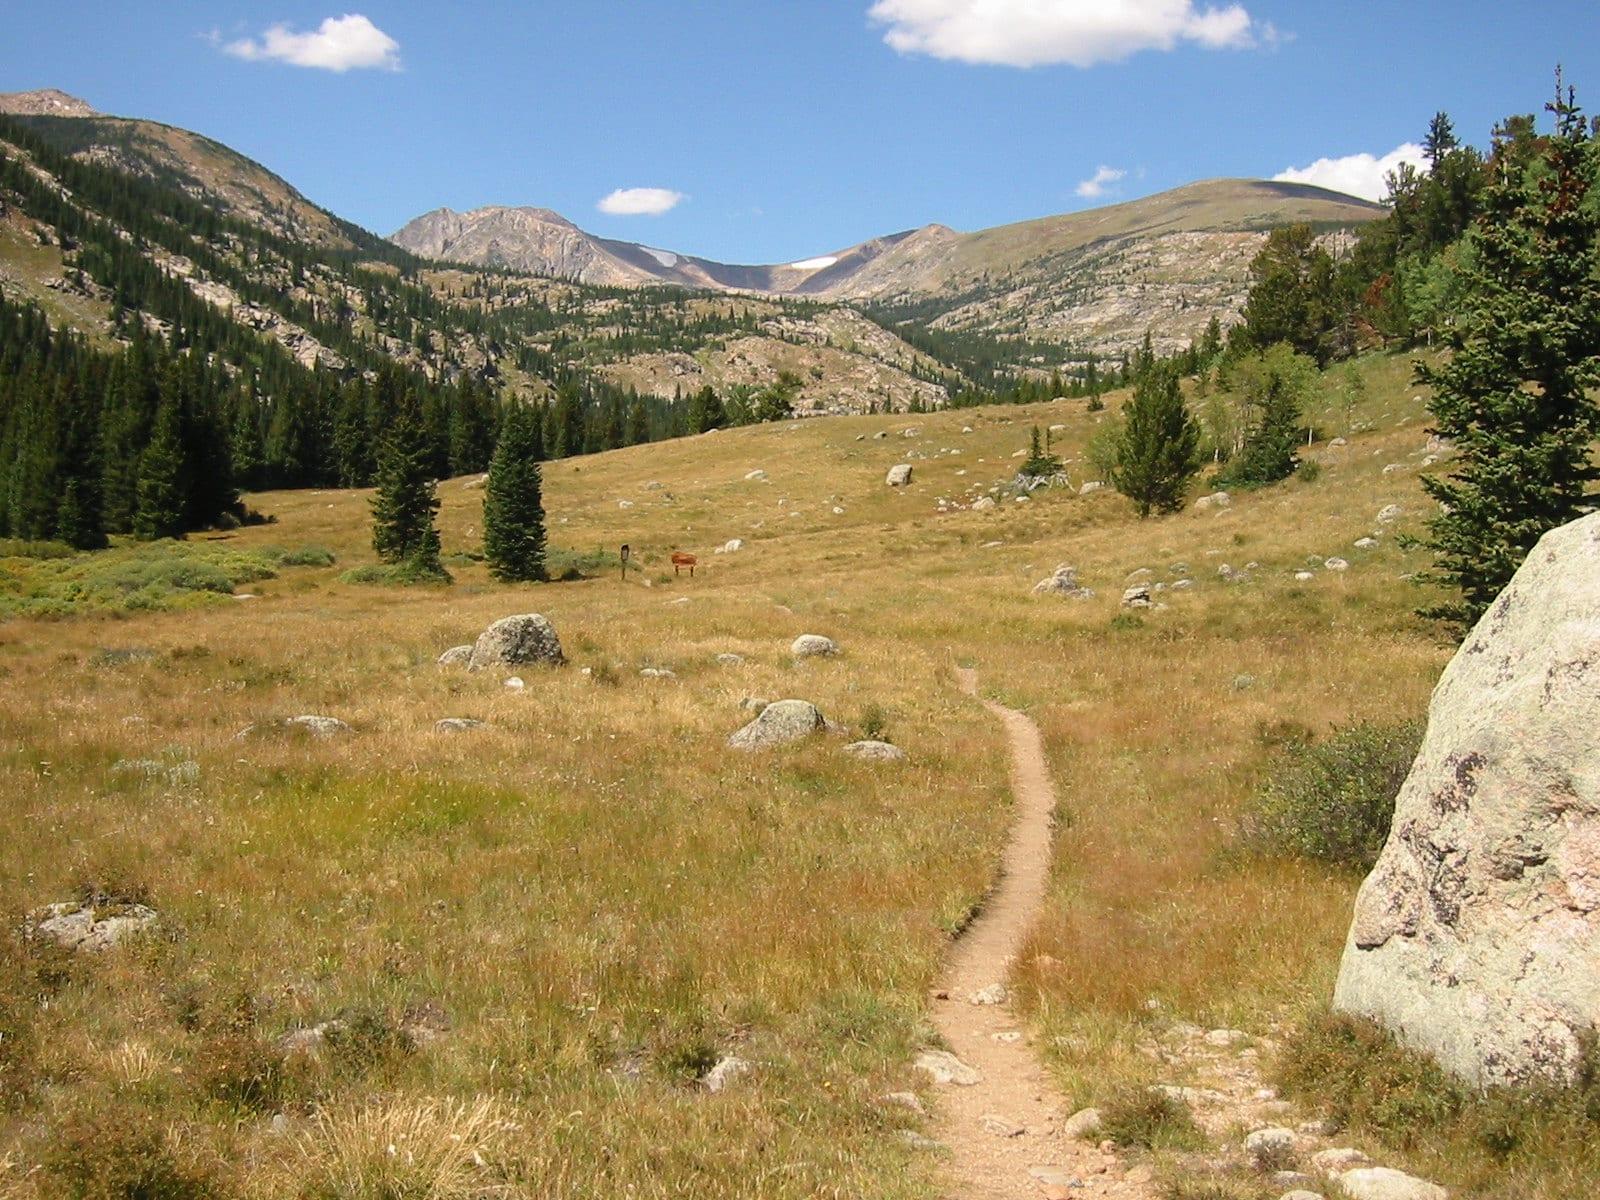 image of Indian Peaks Wilderness